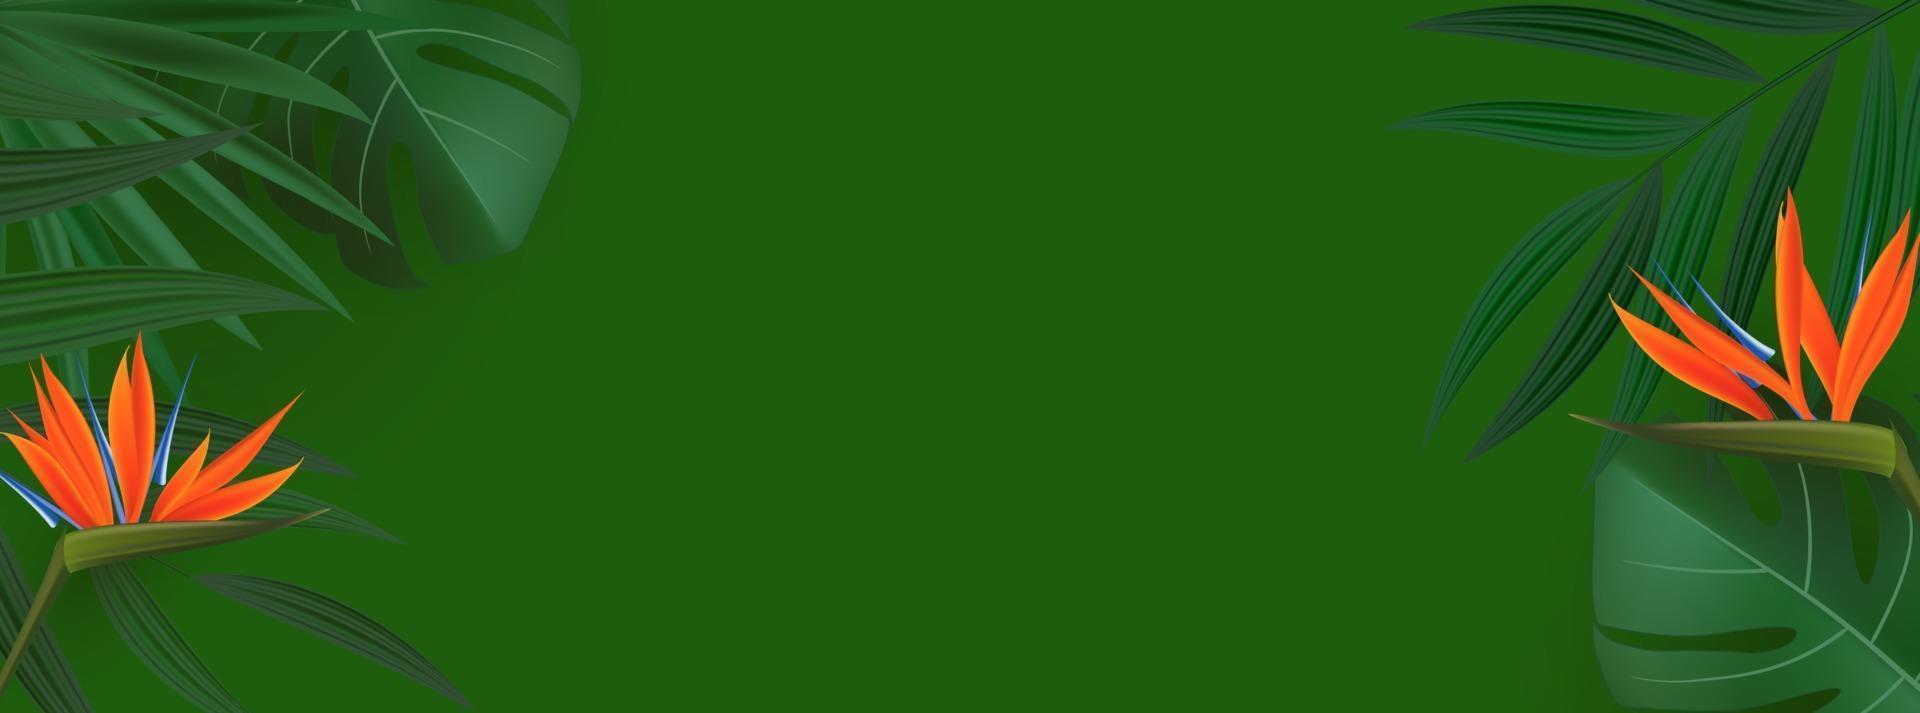 foglie di palma tropicale verde realistico naturale con sfondo di fiori di strelitzia vettore